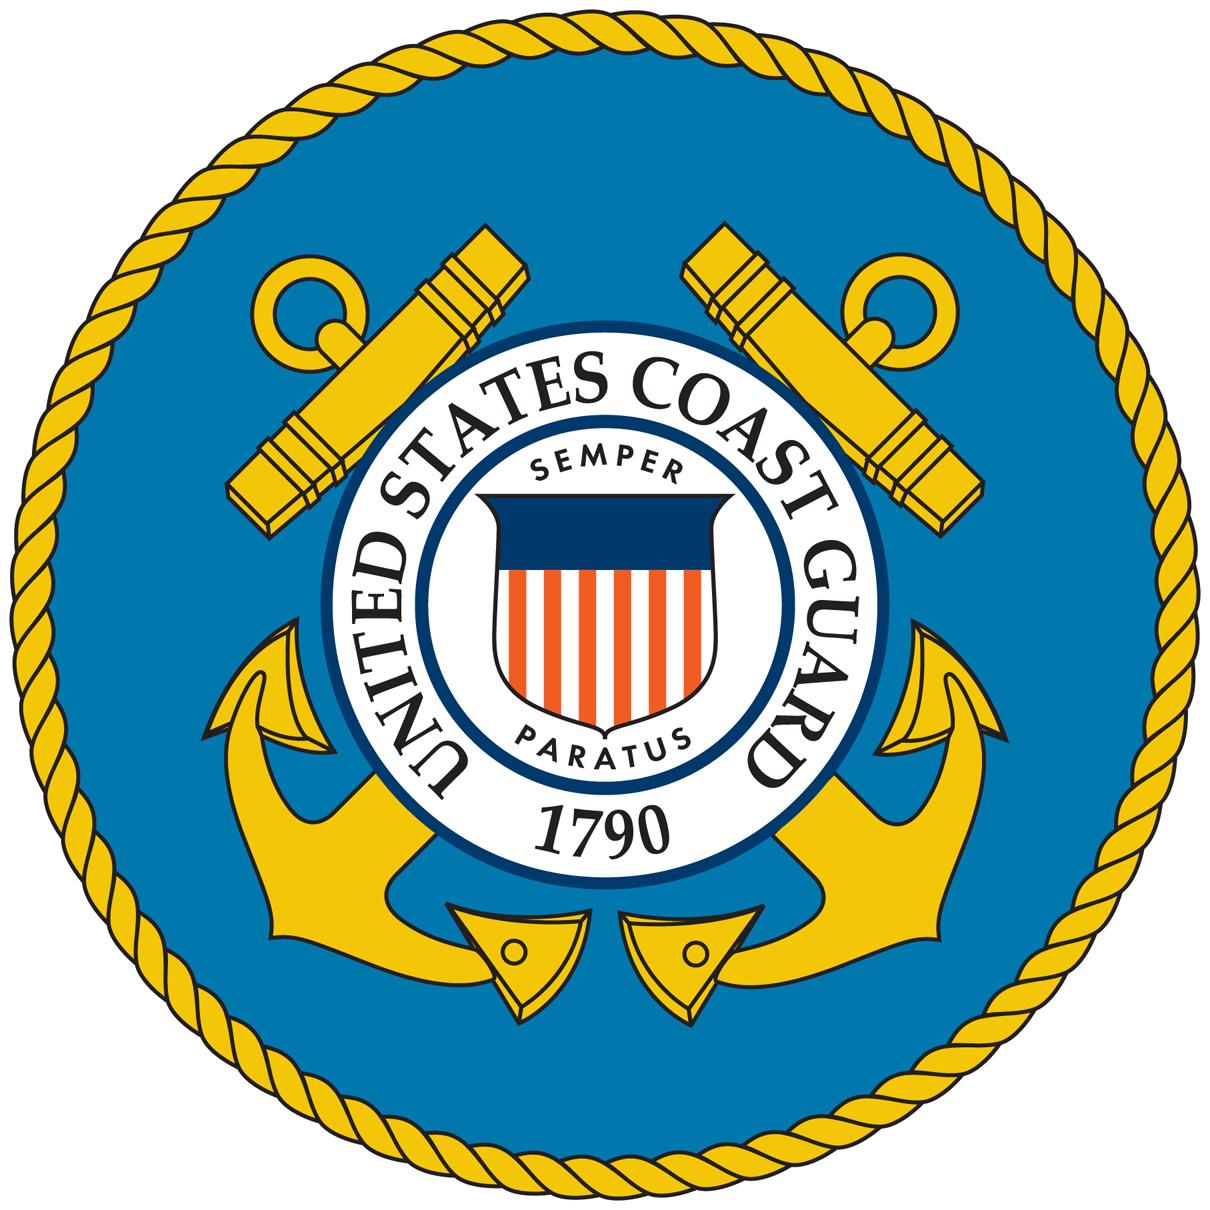 U. S. Coast Guard Flags, Seals, Logos Ba-U. S. Coast Guard Flags, Seals, Logos Battle Streamers-5